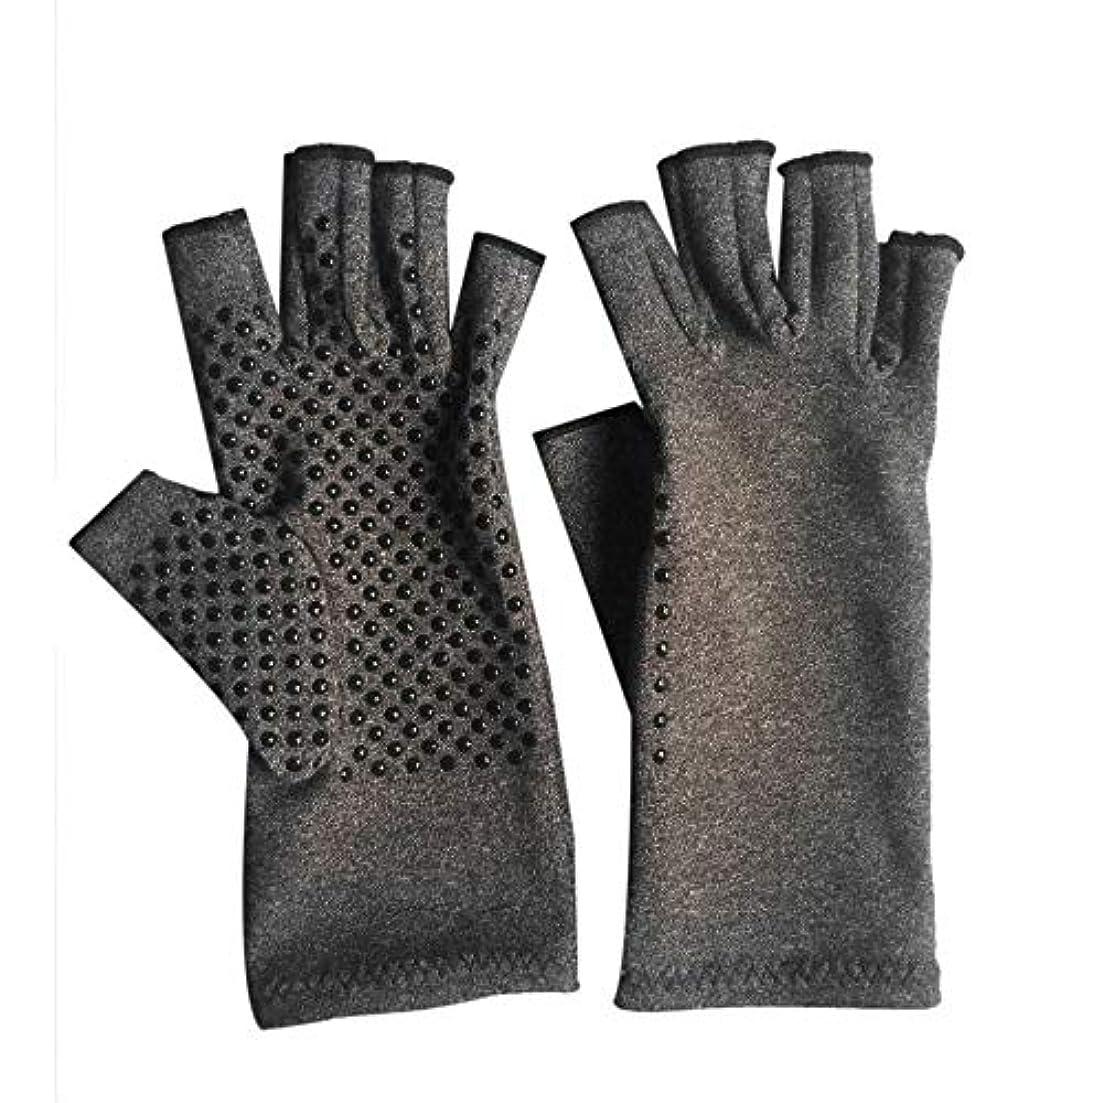 ポール性差別怖がって死ぬ1ペアユニセックス男性女性療法圧縮手袋関節炎関節痛緩和ヘルスケア半指手袋トレーニング手袋 - グレーM